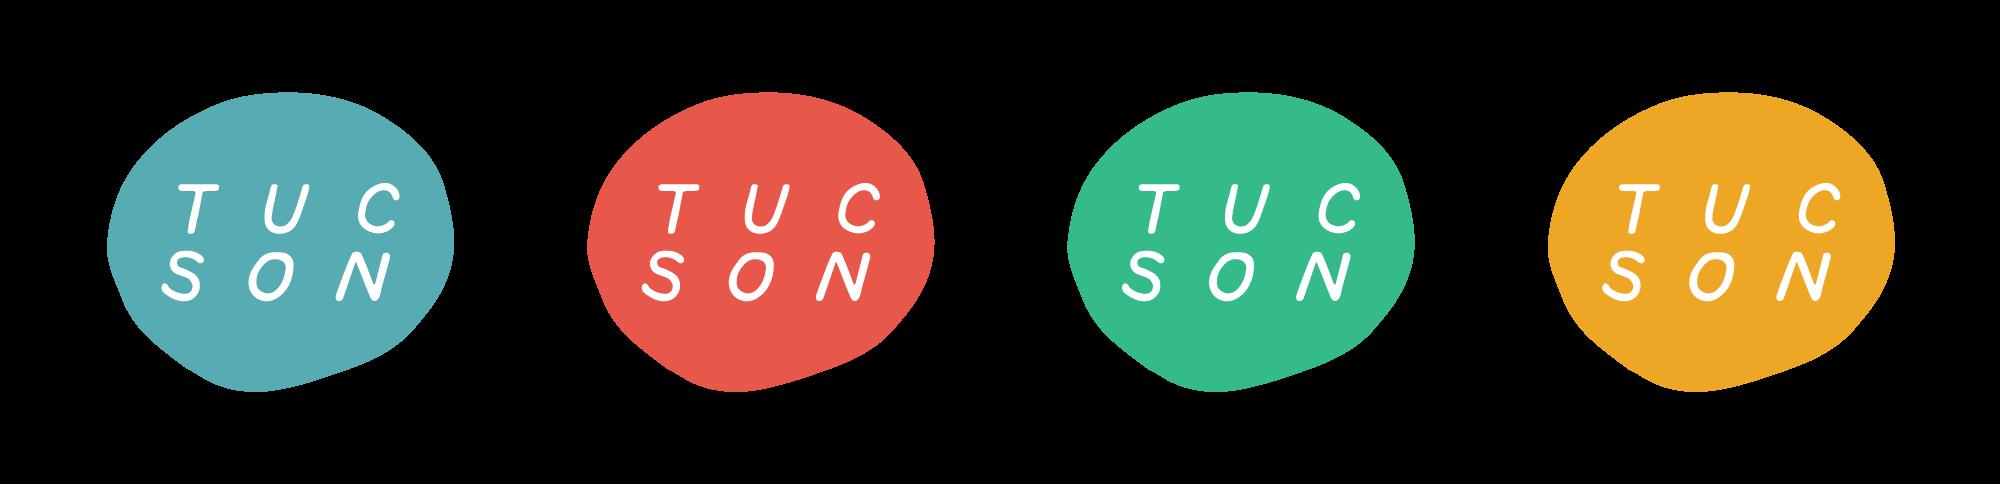 T-U-C-S-O-N-badges.png